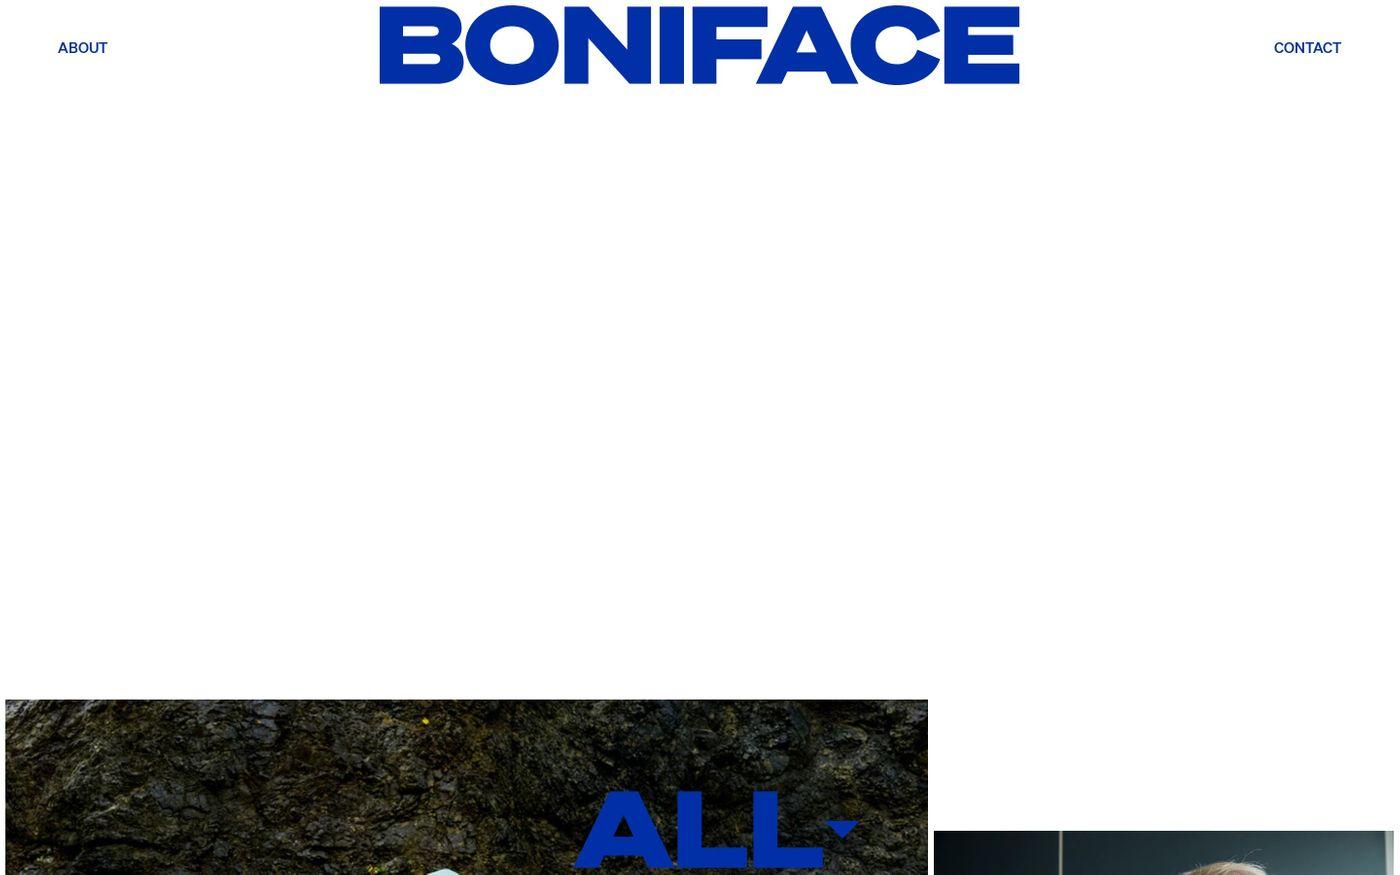 Screenshot of Steven Boniface website